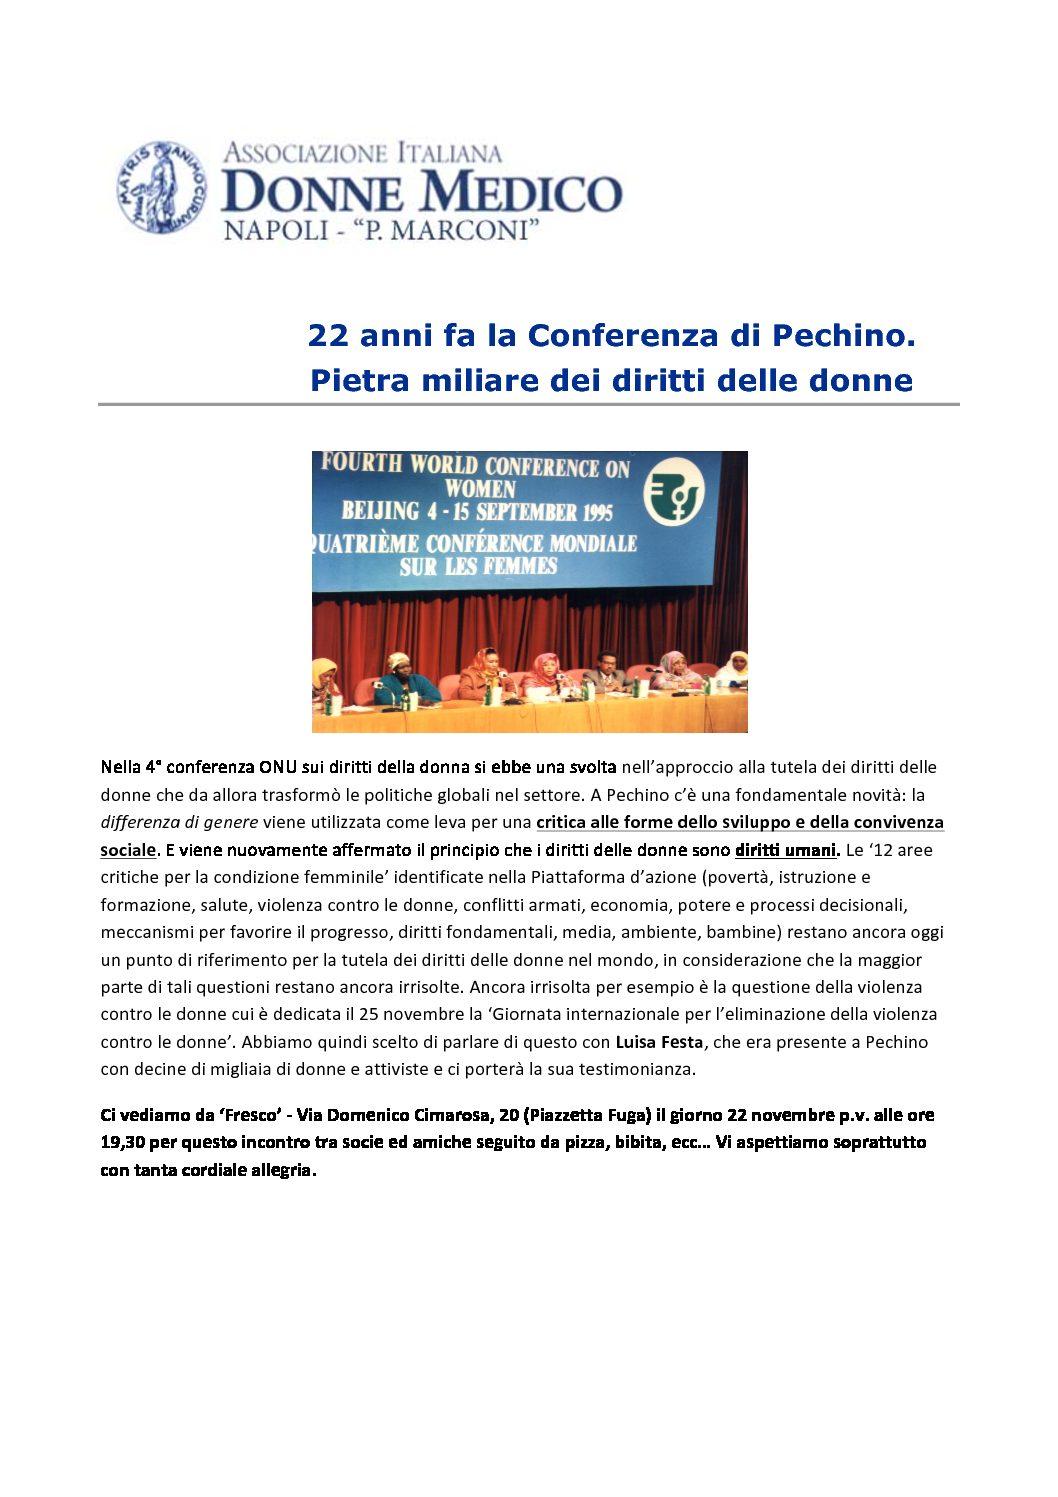 Conferenza di Pechino Napoli 2017 11 22 pdf - Conferenza di Pechino_Napoli_2017_11_22